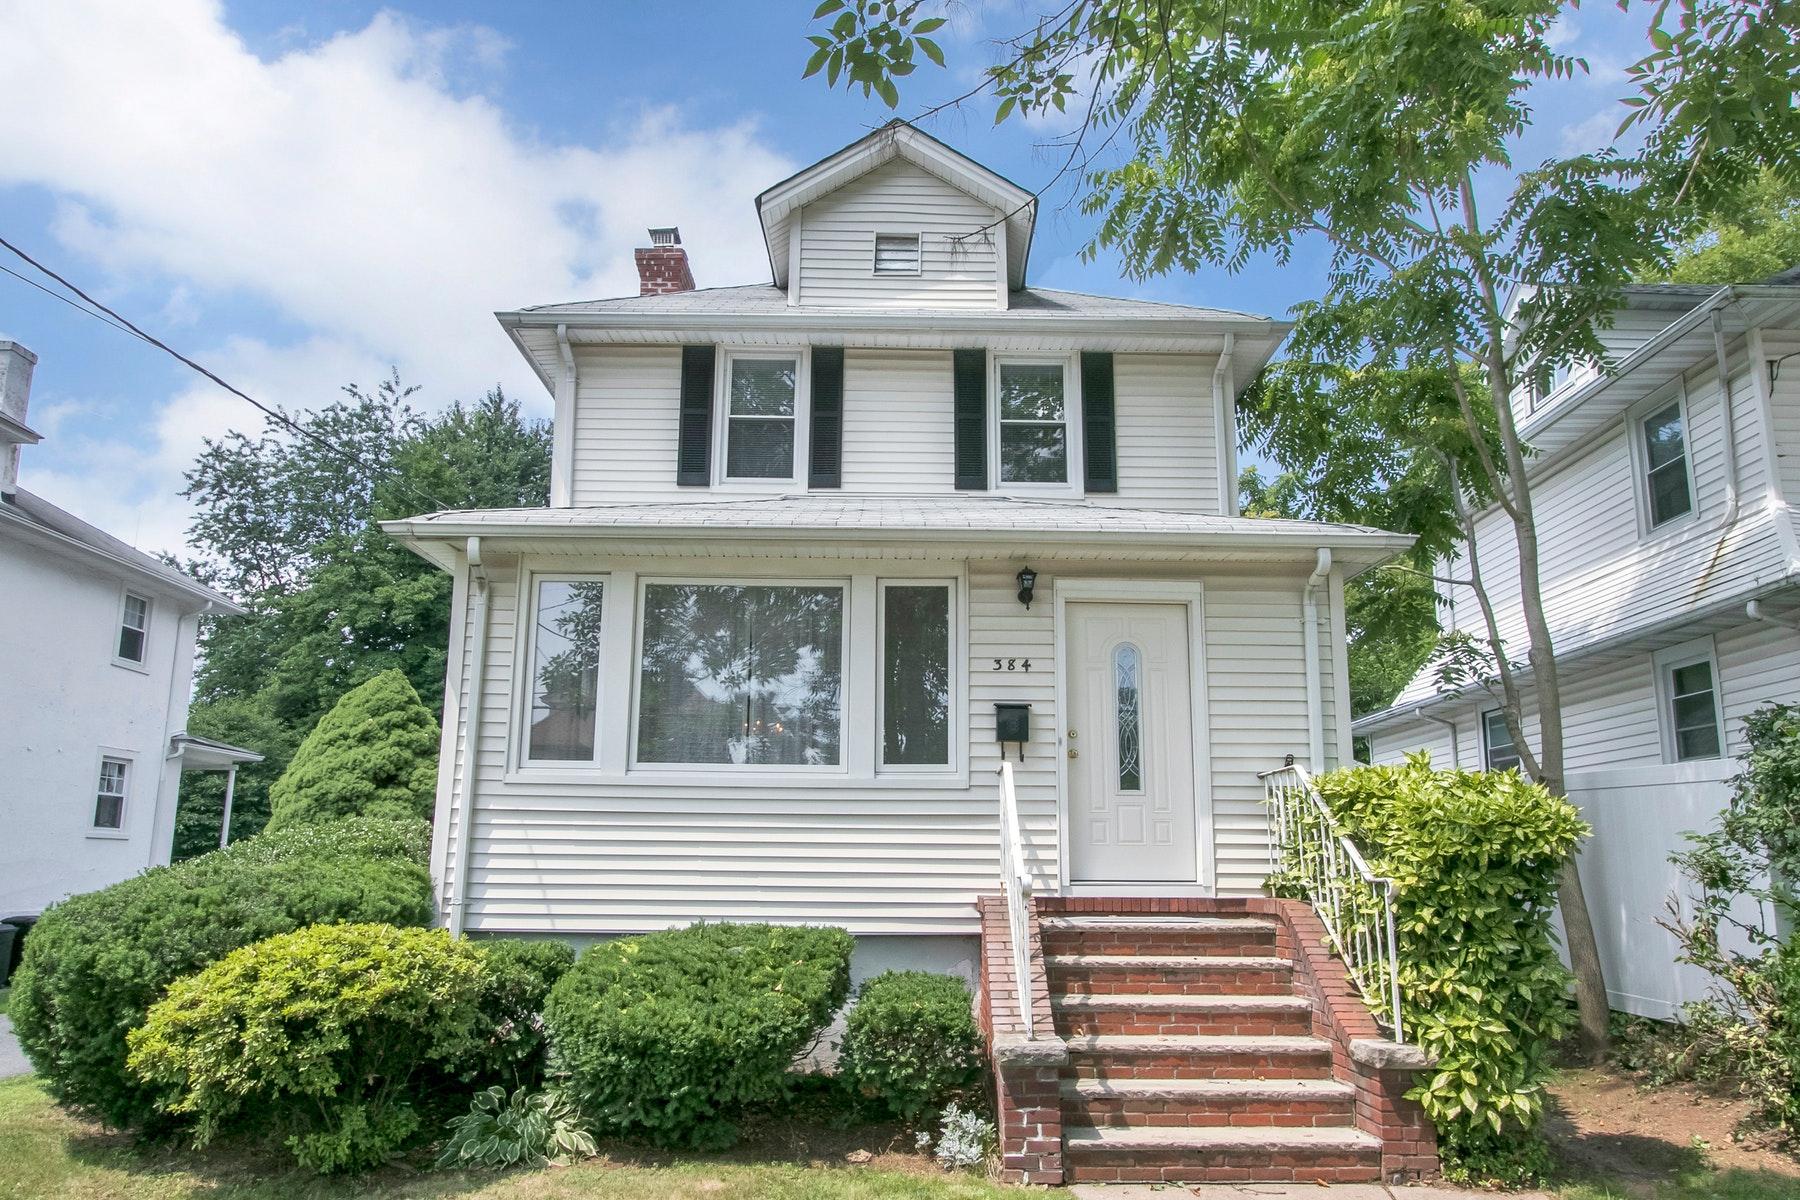 Частный односемейный дом для того Продажа на Gracious Colonial - Sale Pending 384 Elm Avenue, Bogota, Нью-Джерси 07603 Соединенные Штаты